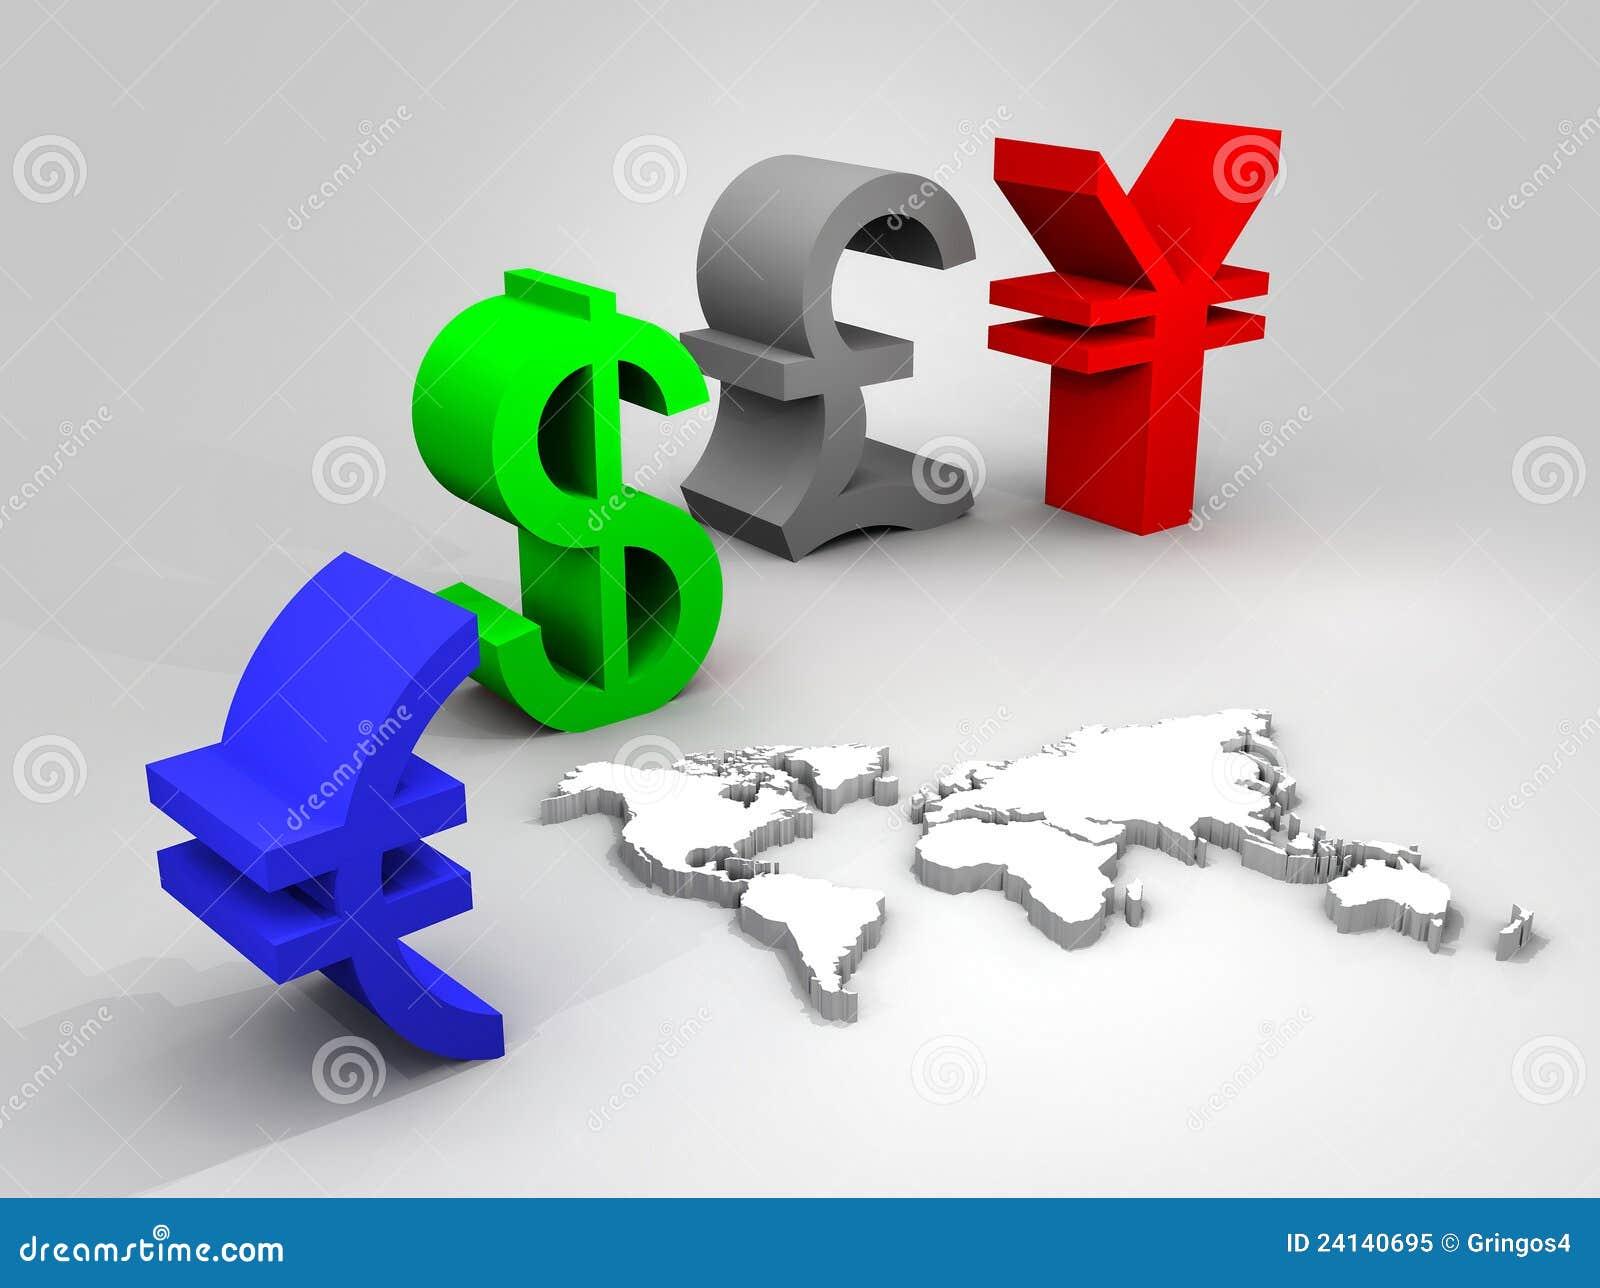 Illustrazione delle valute commerciali universalmente